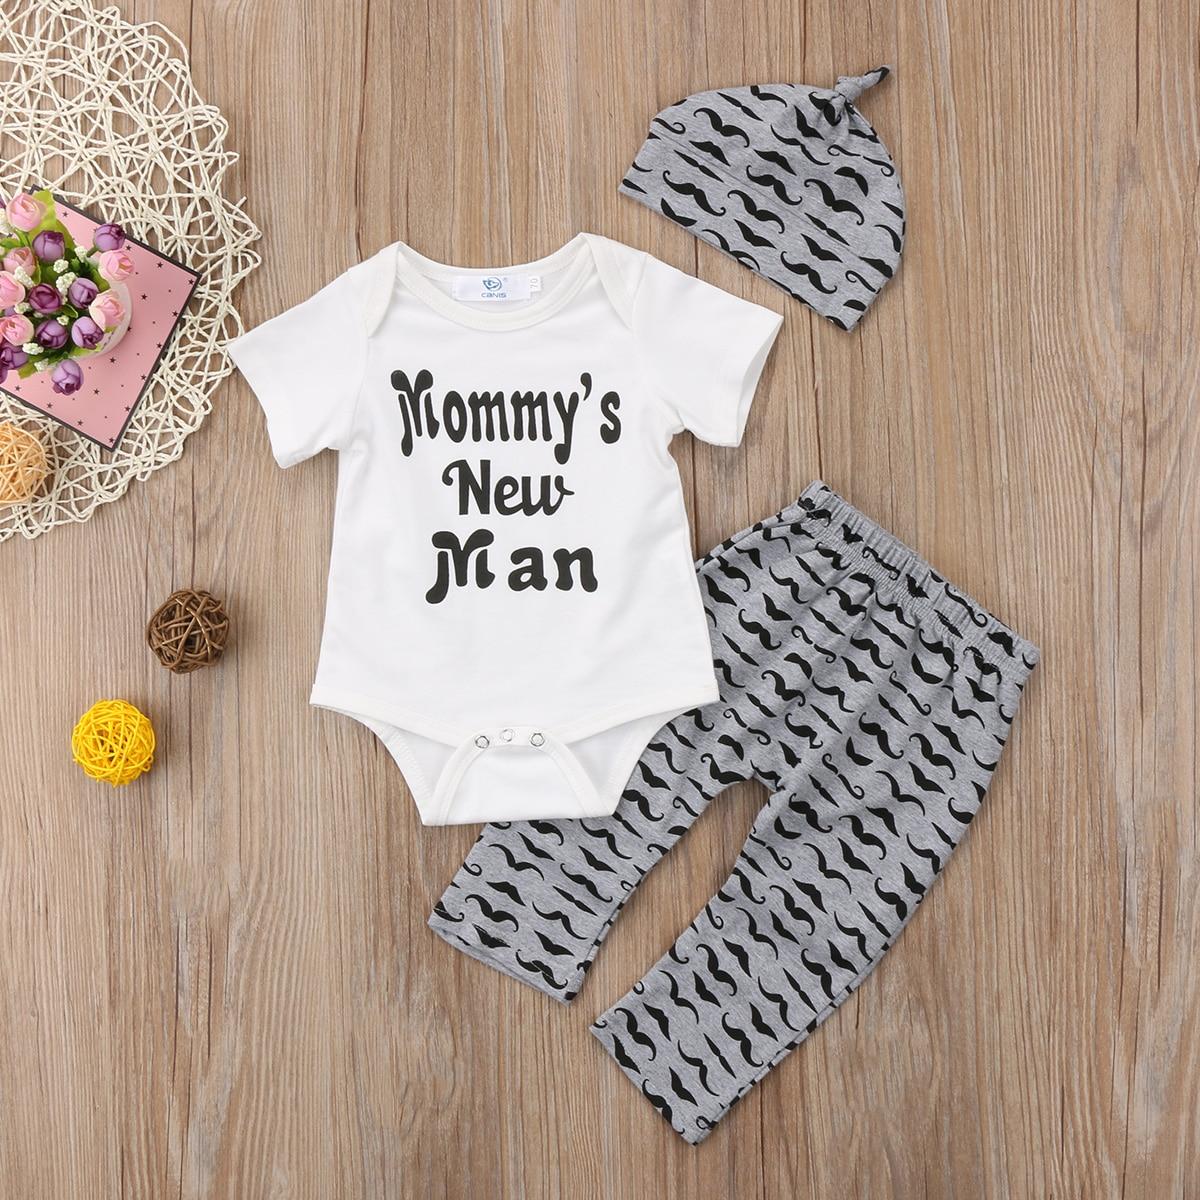 3PCS Pudcoco HOT SALE Newborn Infant Baby Boys Fashion Short Sleeve Letter Bodysuits+Pants+Hat Outfits Set 0-18M